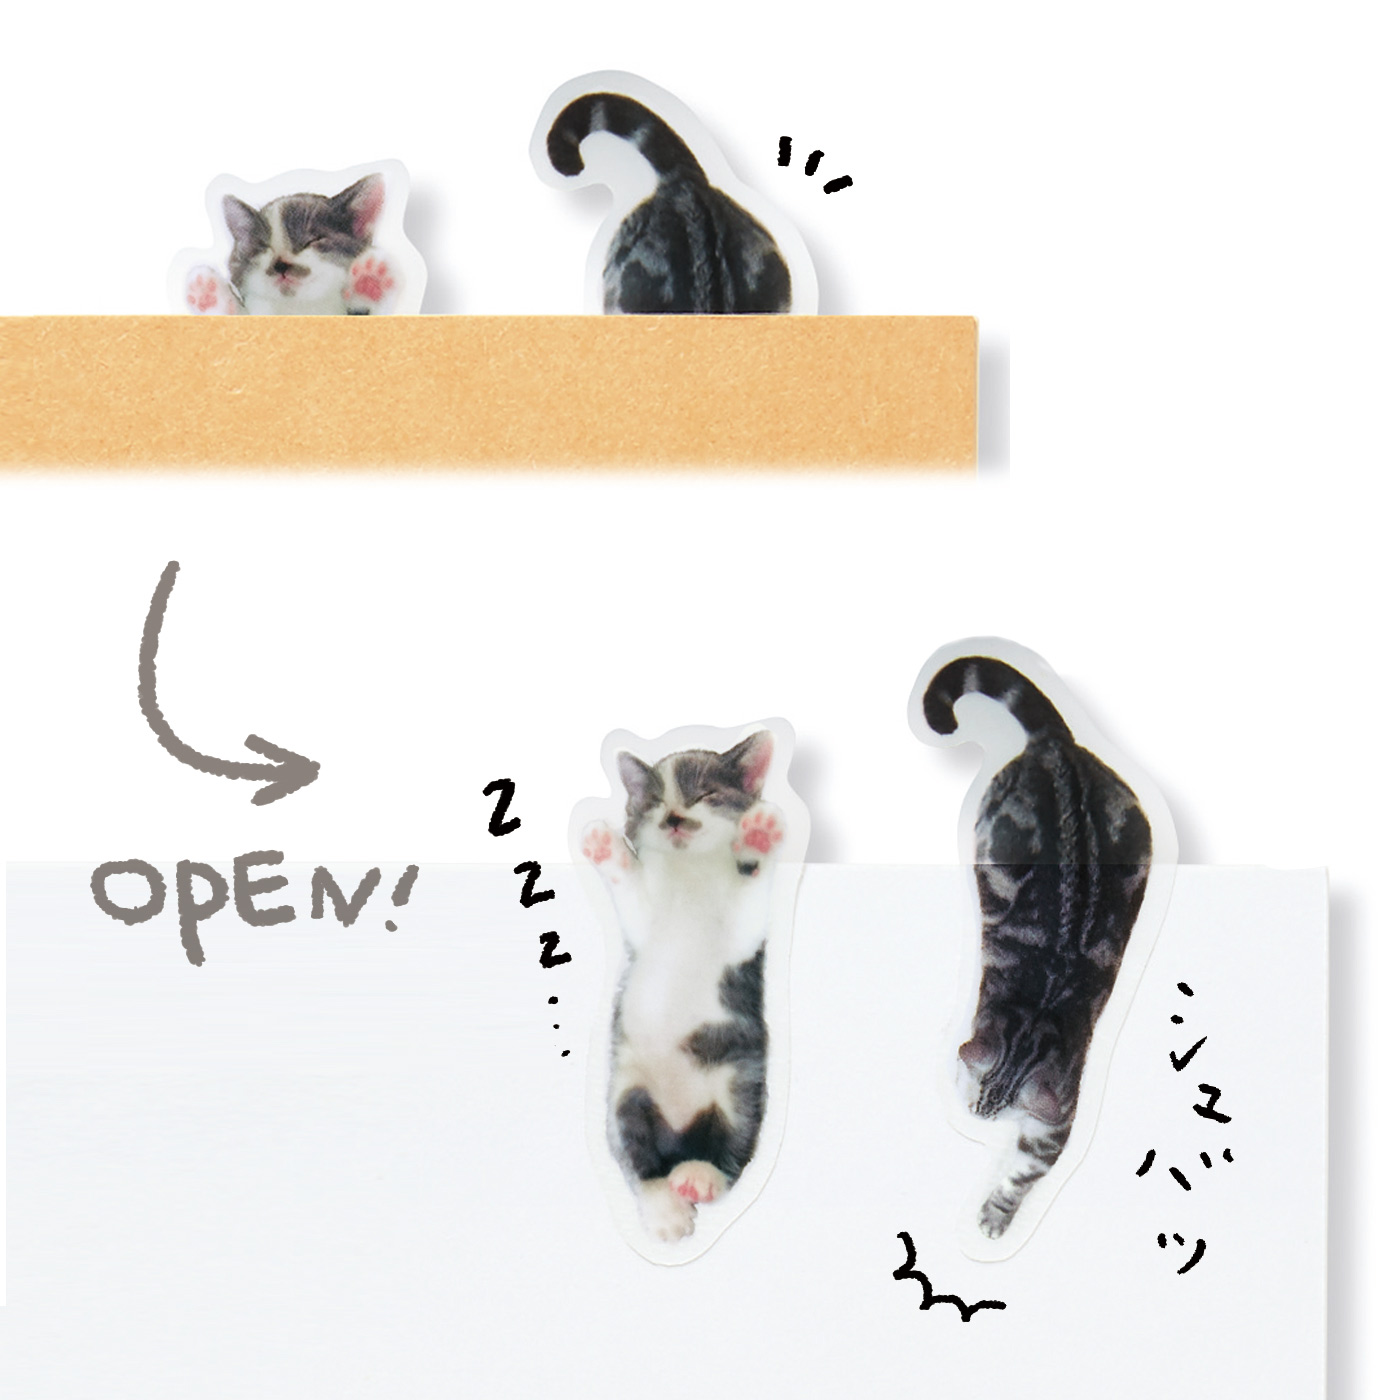 開けると……猫 チラリと見える猫さんの体。開くと、寝ていたり本の内容に飛びついていたり。